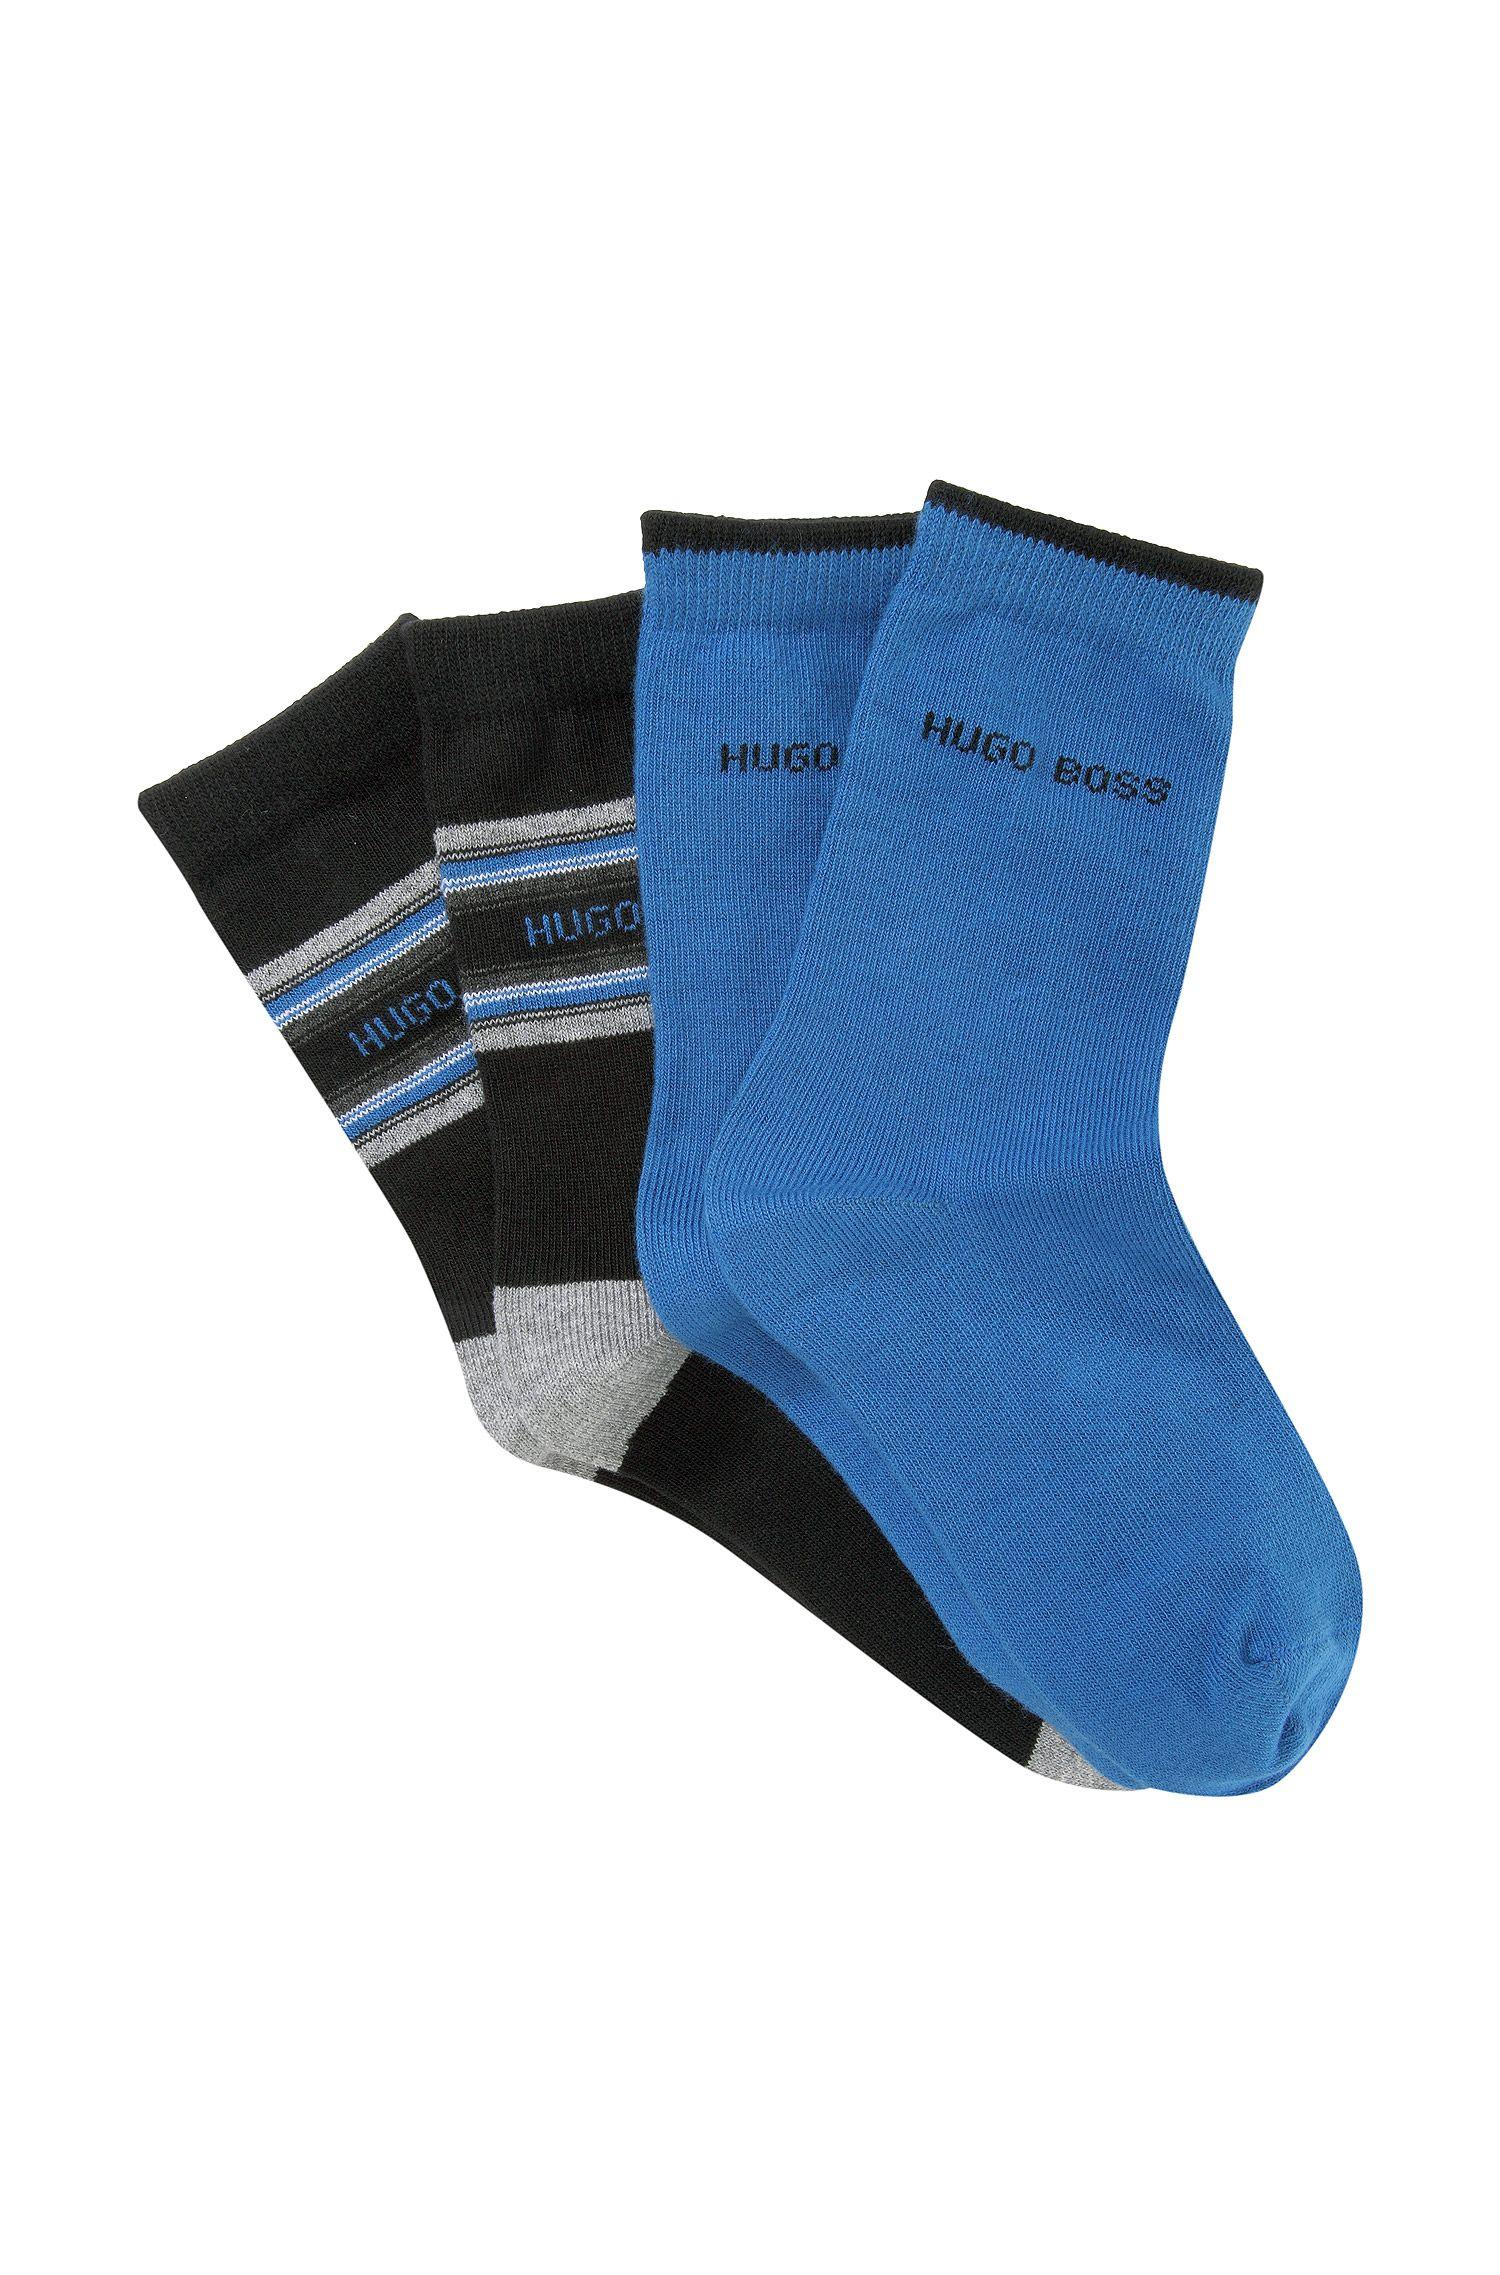 2er-Pack Kids-Socken ´J20135/862` aus Baumwoll-Mix